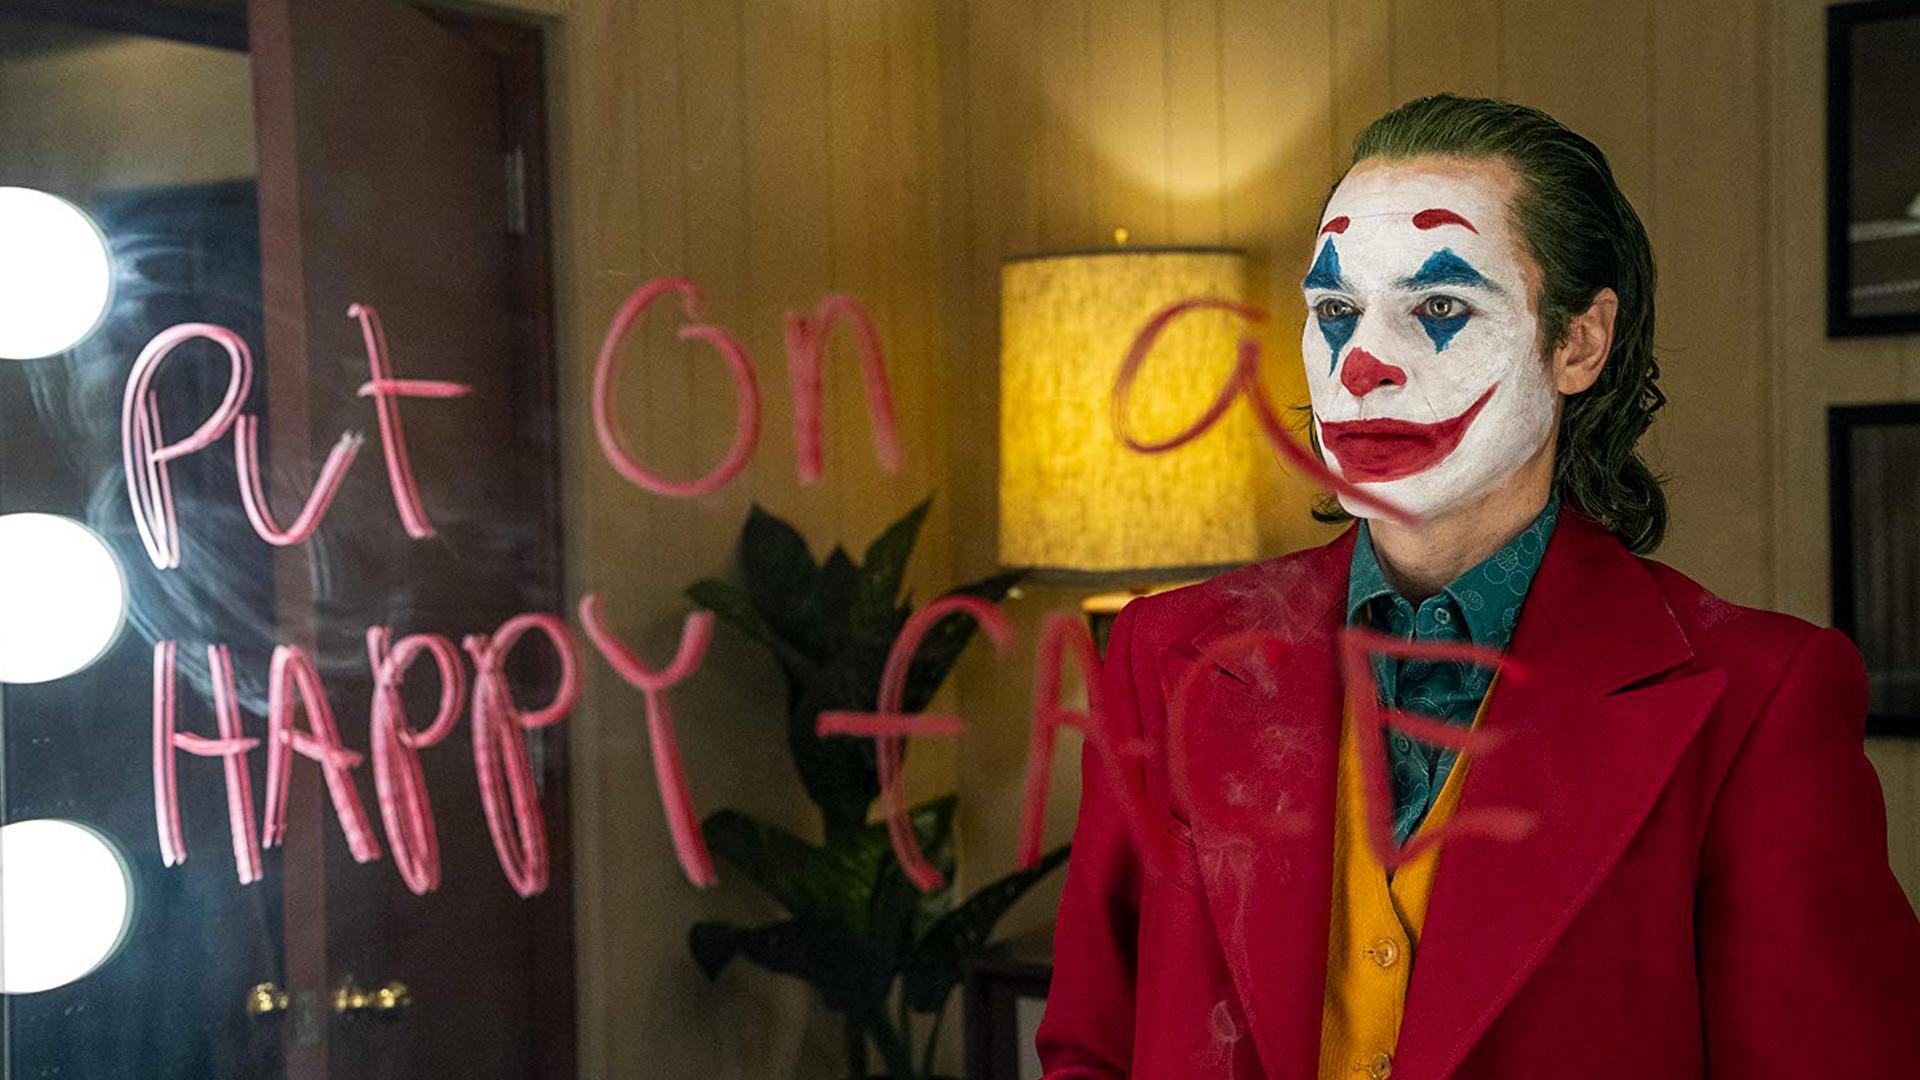 Joker's-character-in-the-joker-movie